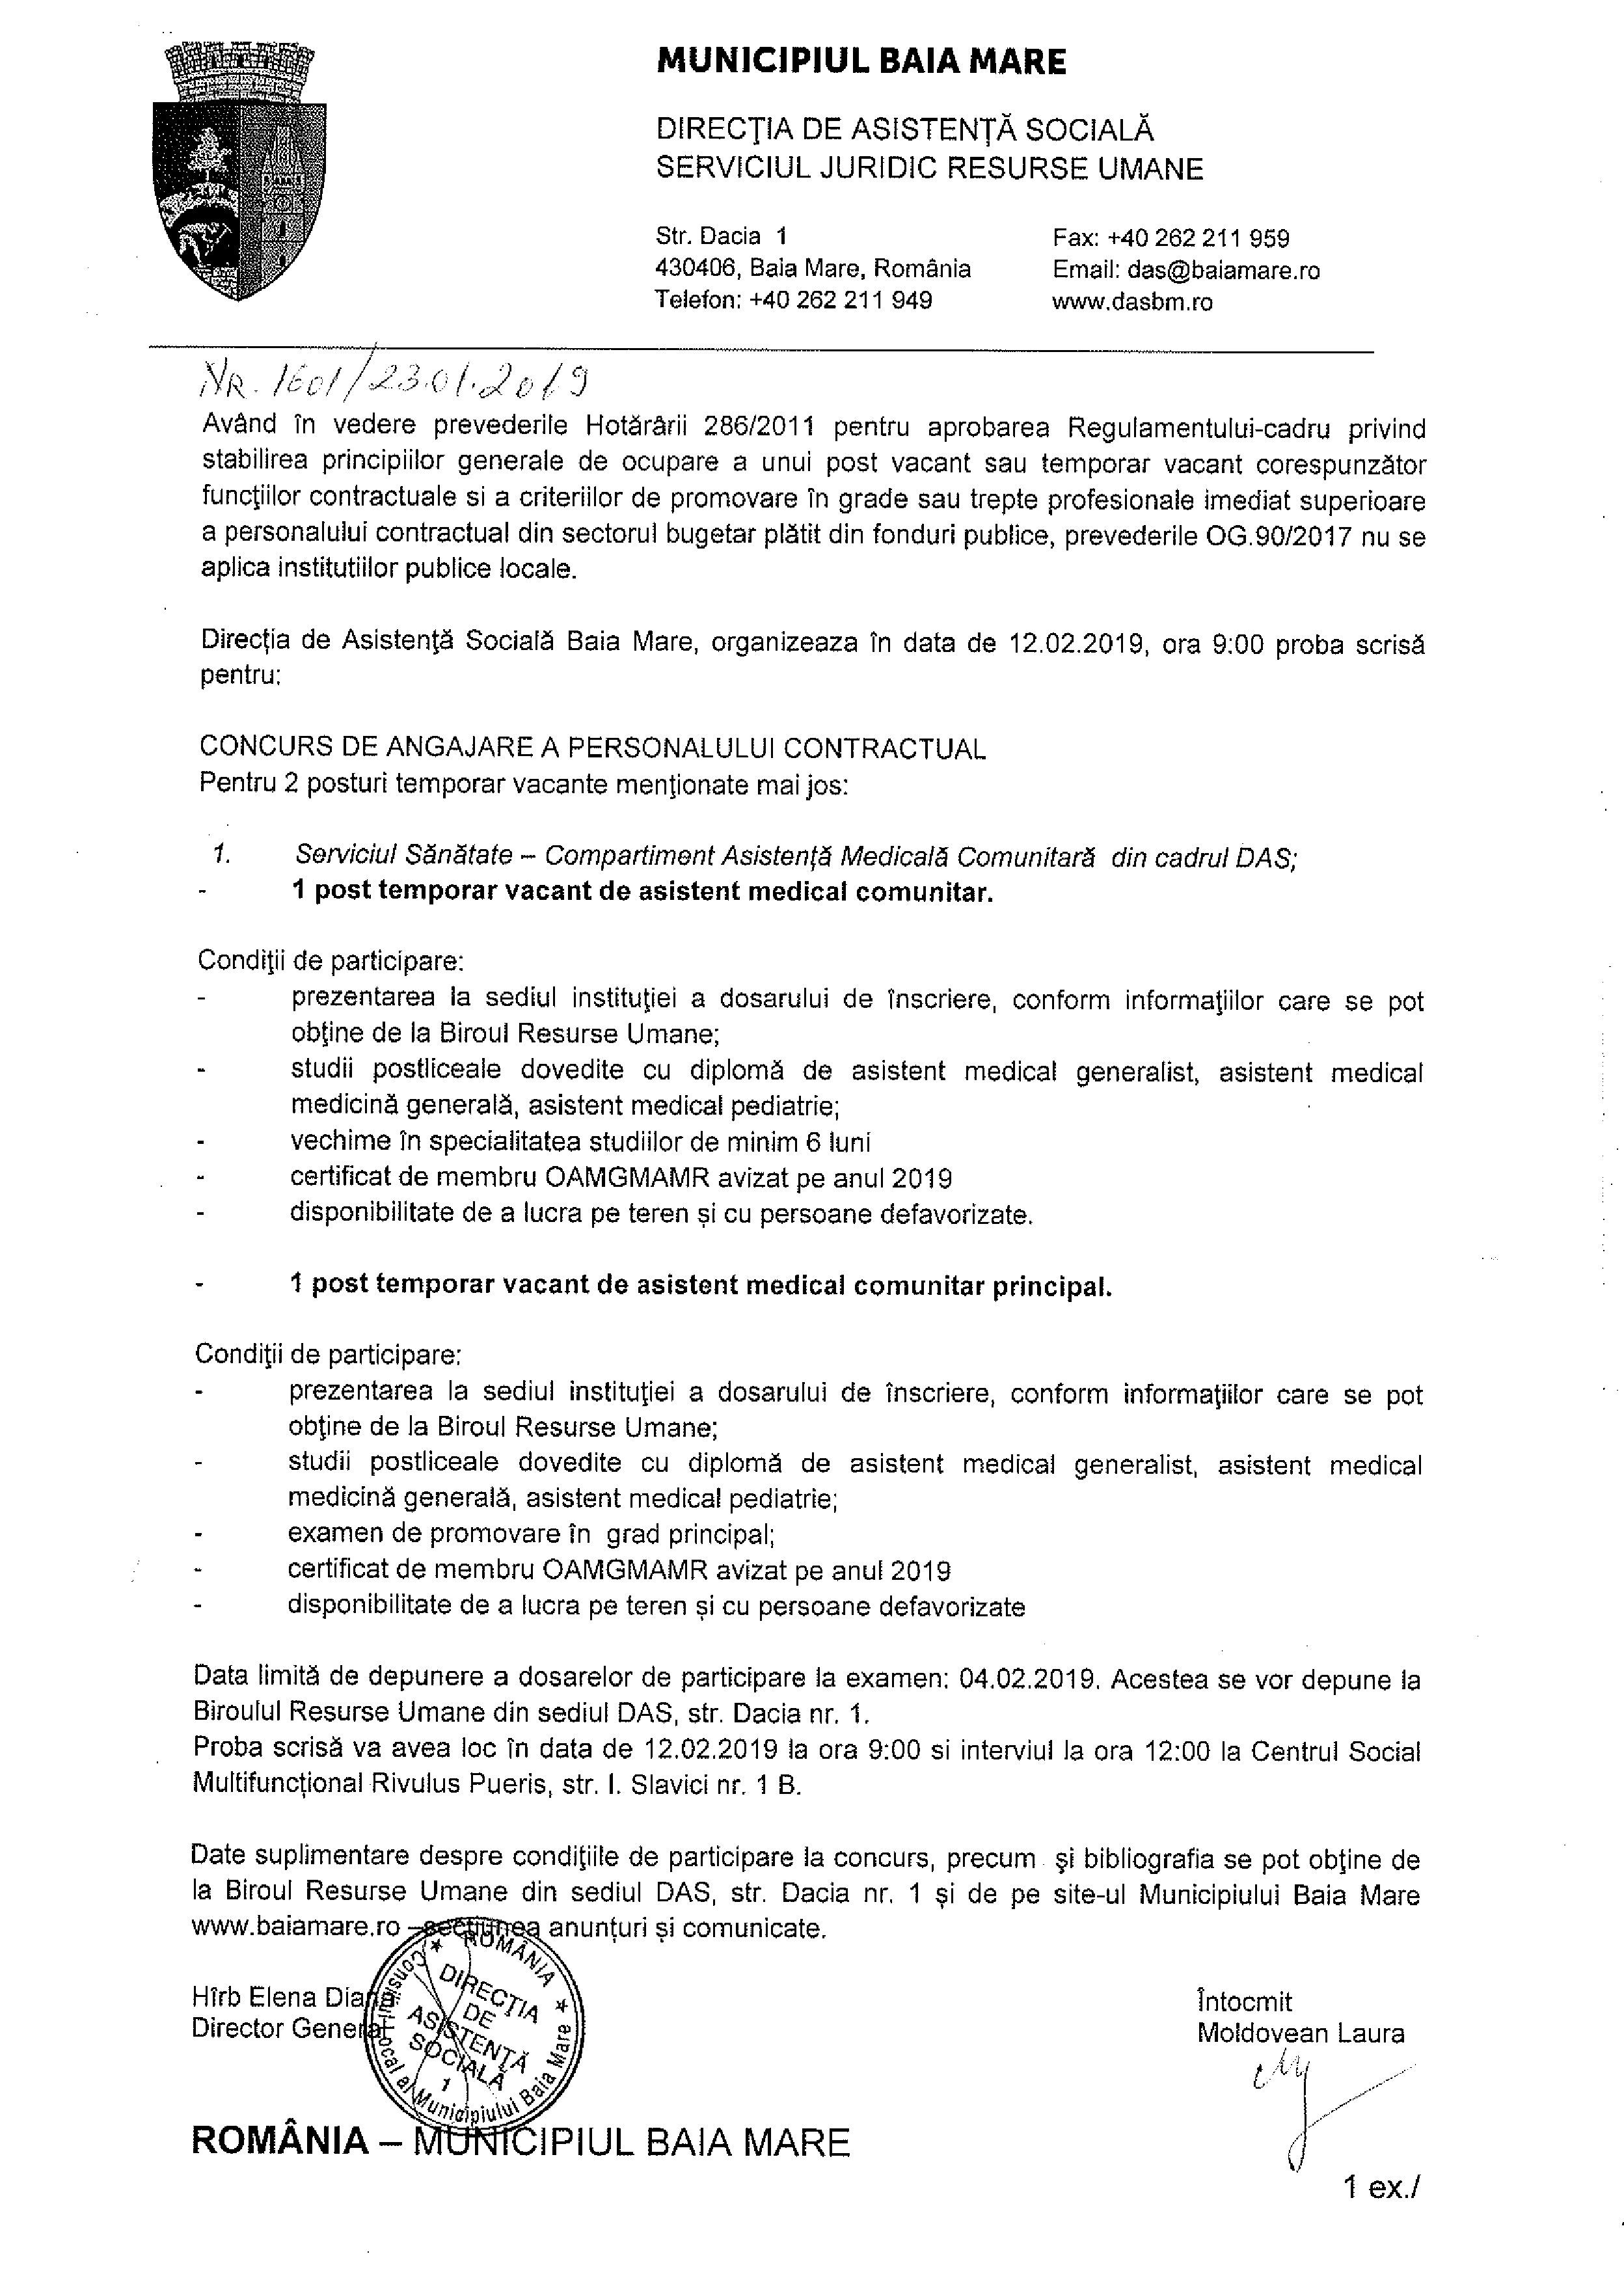 Direcția de Asistență Socială Baia Mare, organizează concurs de angajare, în vederea ocupării a 2 posturi contractuale temporar vacante de asistent medical comunitar